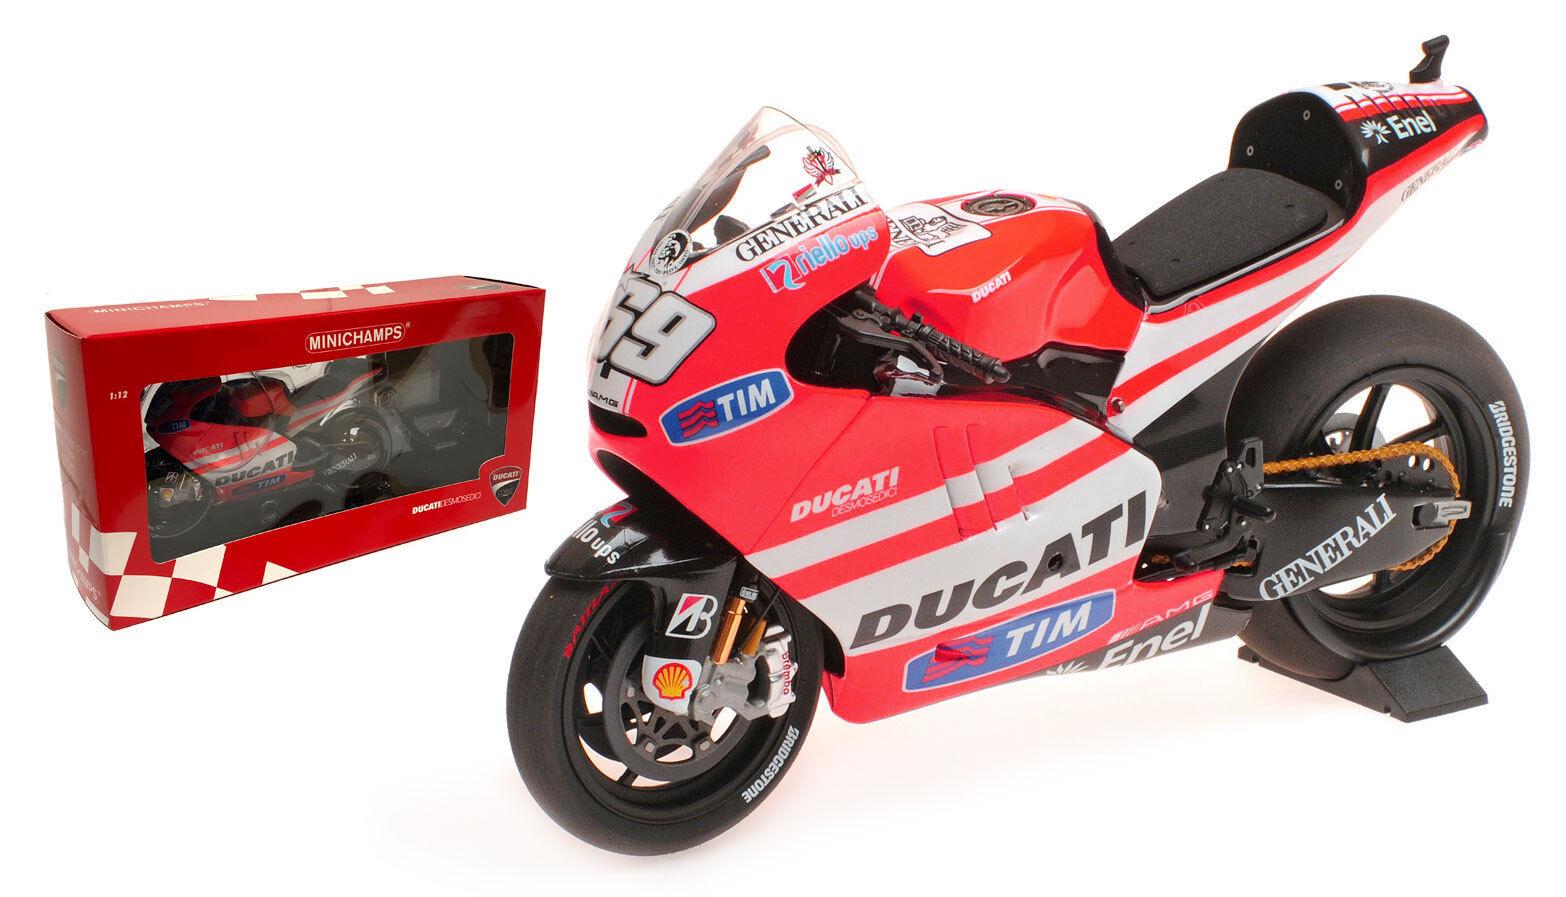 Minichamps Ducati Desmo GP11.1  DUCATI  MotoGP 2011-Nicky Hayden escala 1 12